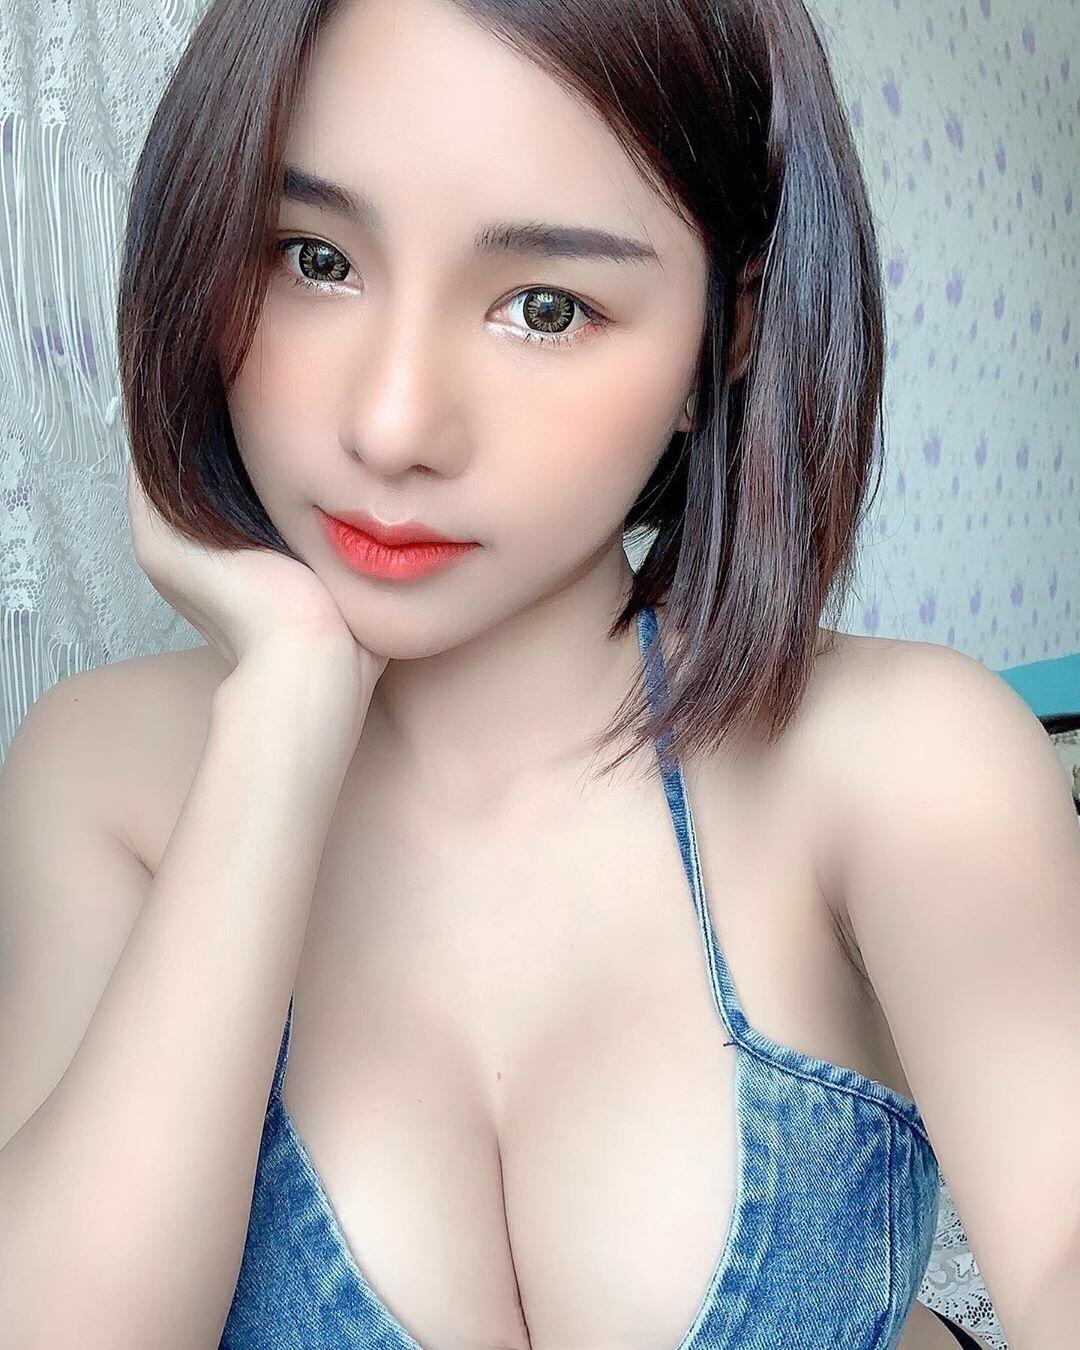 娱乐小报第18期 玩偶姐姐hongkongdoll 第27张